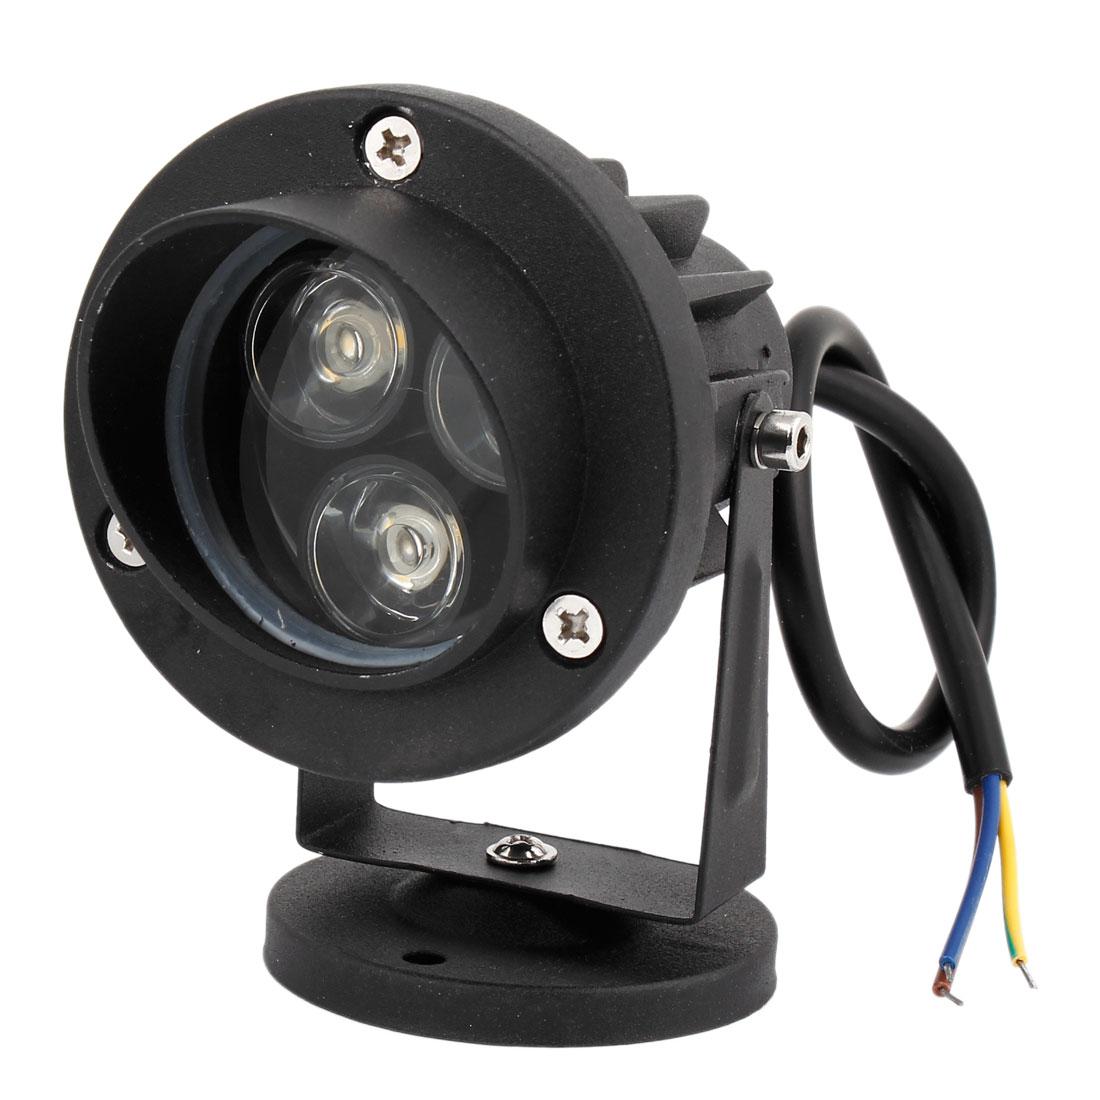 Black Aluminum 6W High Power Warm White LED Ceiling Light Downlight Spotlight 300-330LM AC85-265V